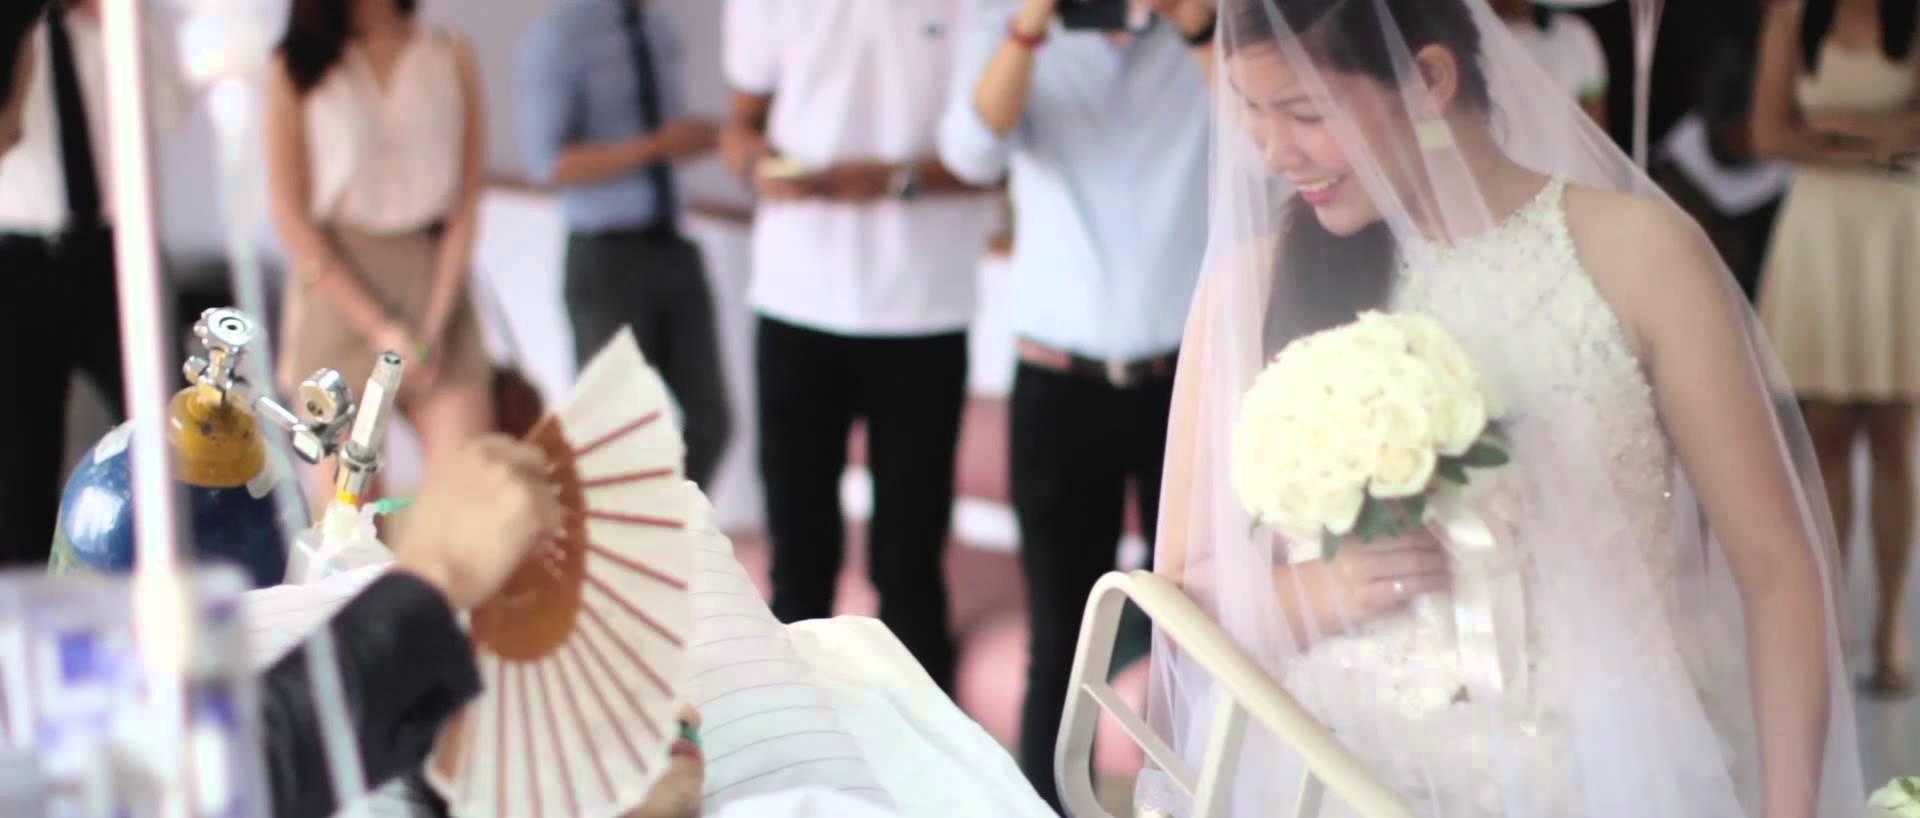 Трогателна история на болен от рак, който се жени 10 часа преди смъртта си